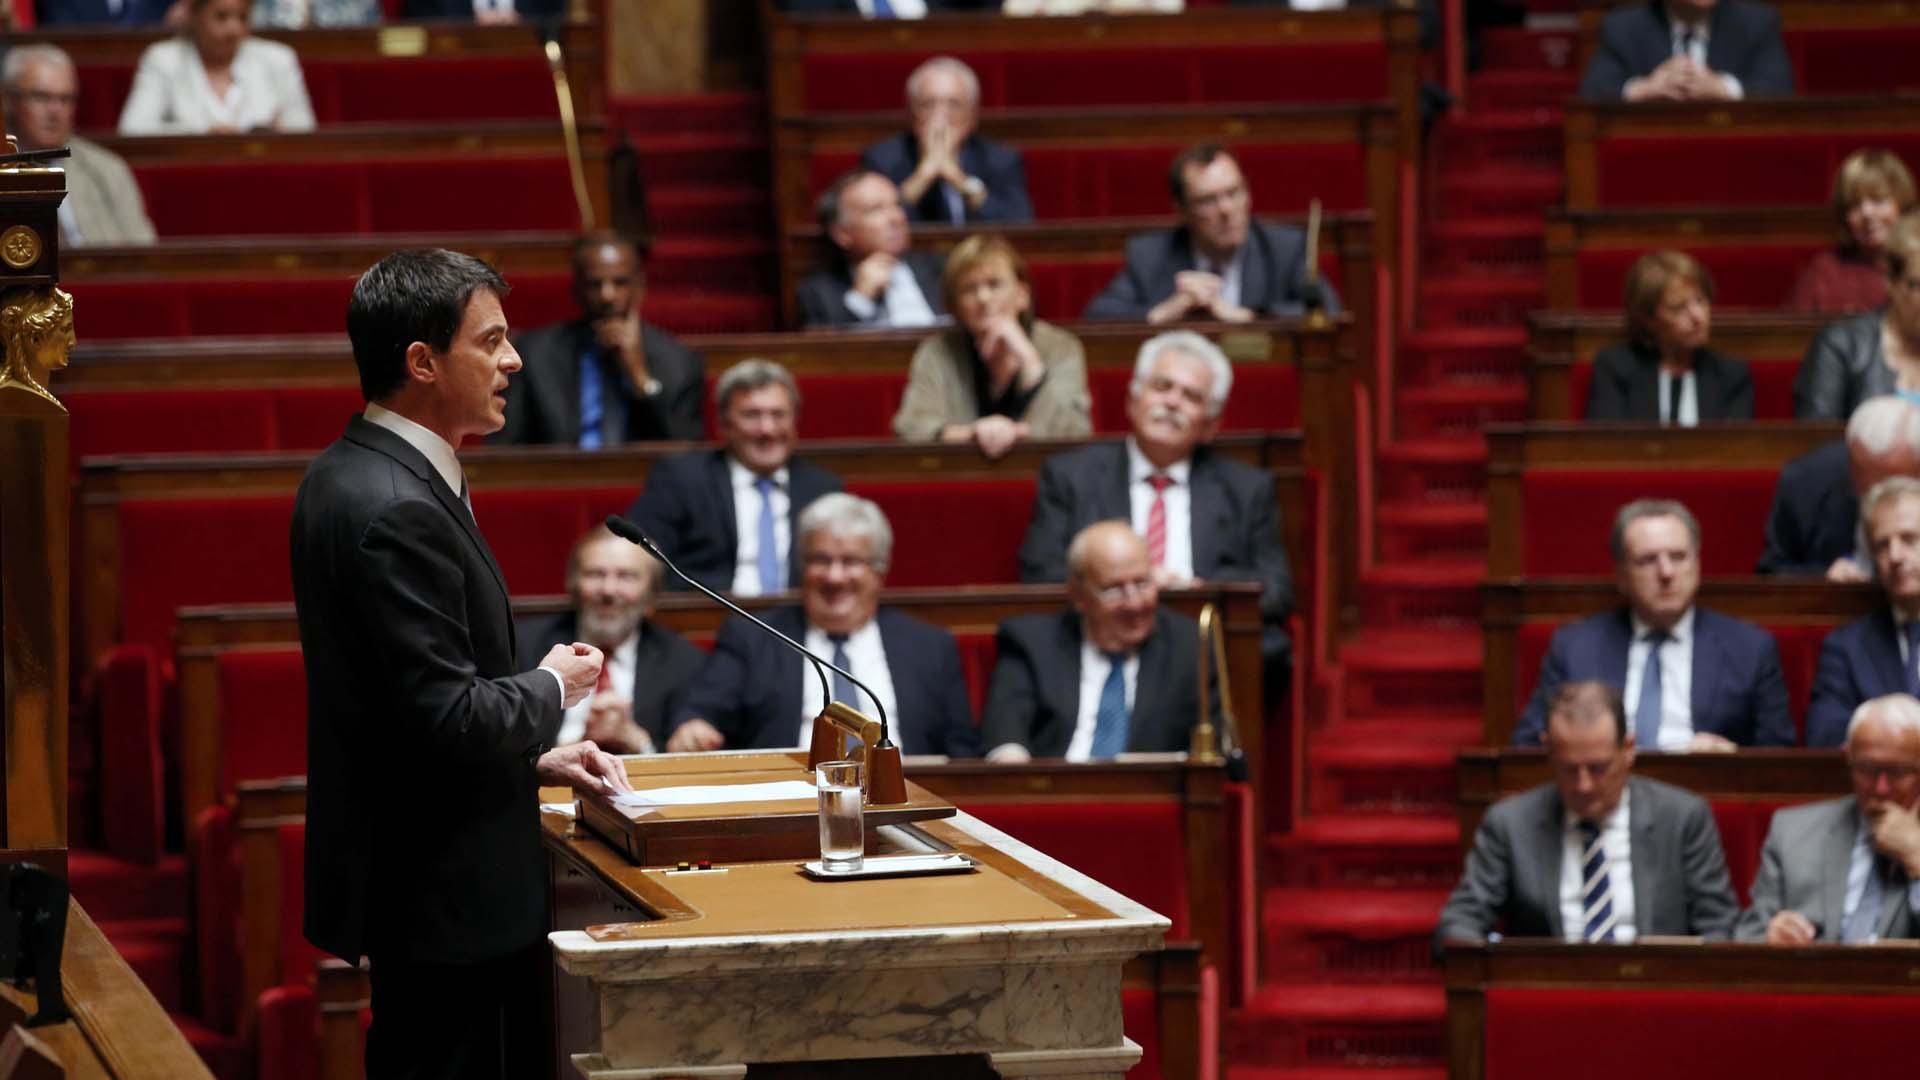 La decisión permite que el Ejecutivo pueda aplicar leyes sin aprobación del Parlamento